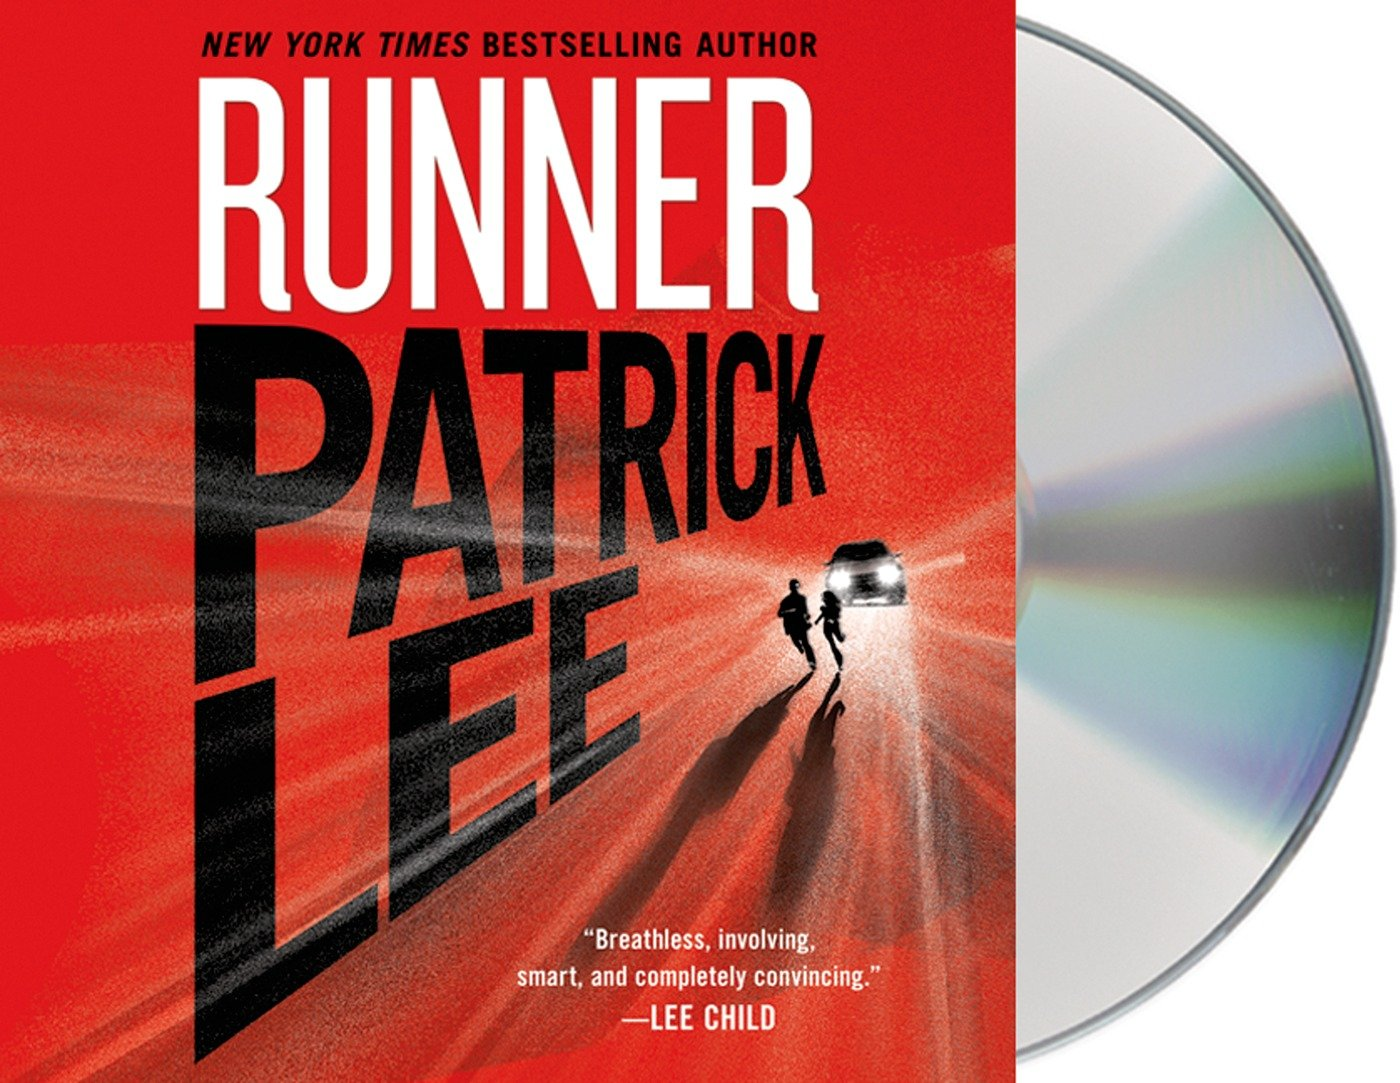 Runner (A Sam Dryden Novel): Amazon.es: Patrick Lee, Raul Esparza: Libros  en idiomas extranjeros